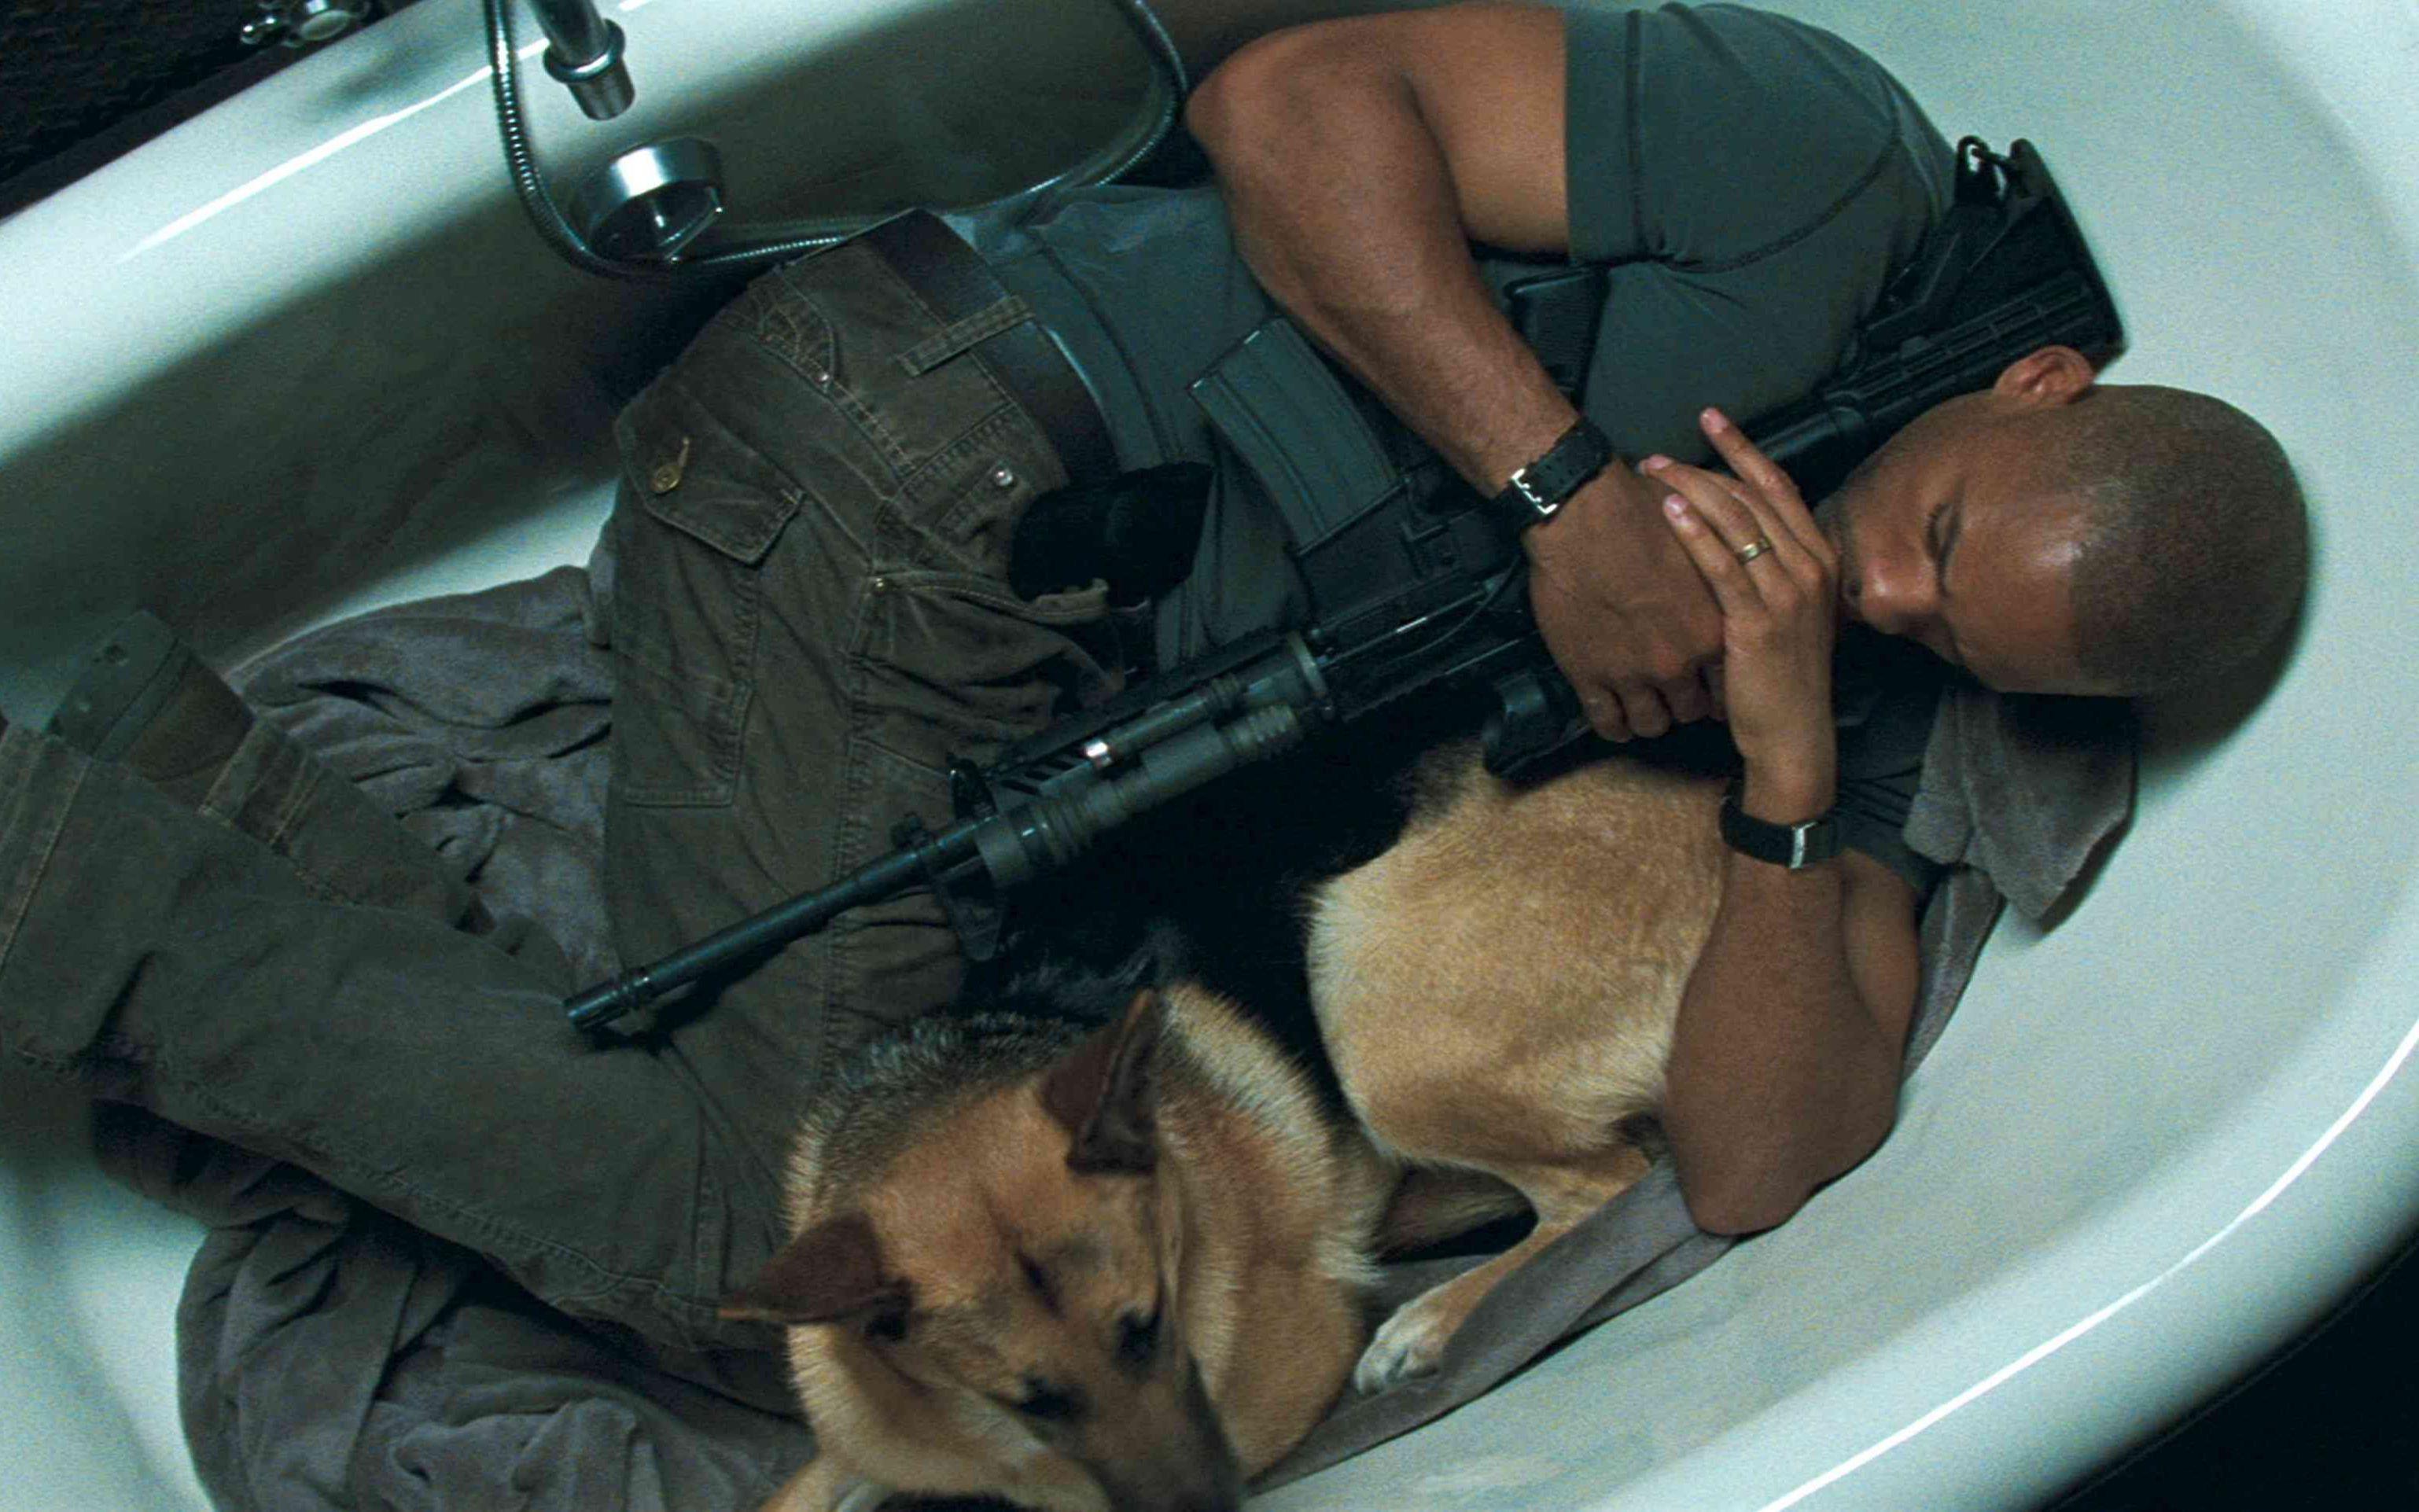 开局一条狗,装备全靠搜!世界上最后一份人与狗的友谊